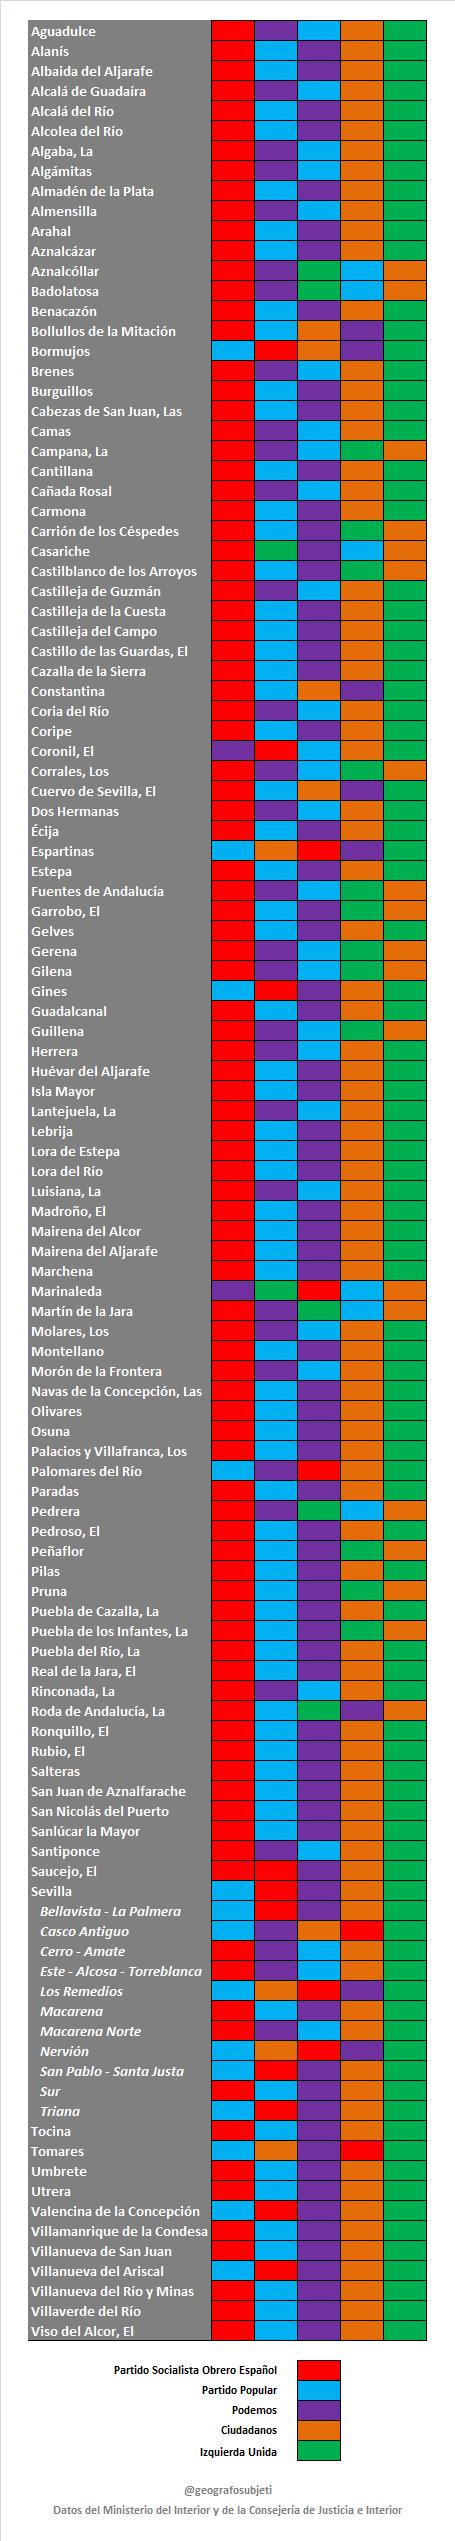 Como votaron en SEV Municipios